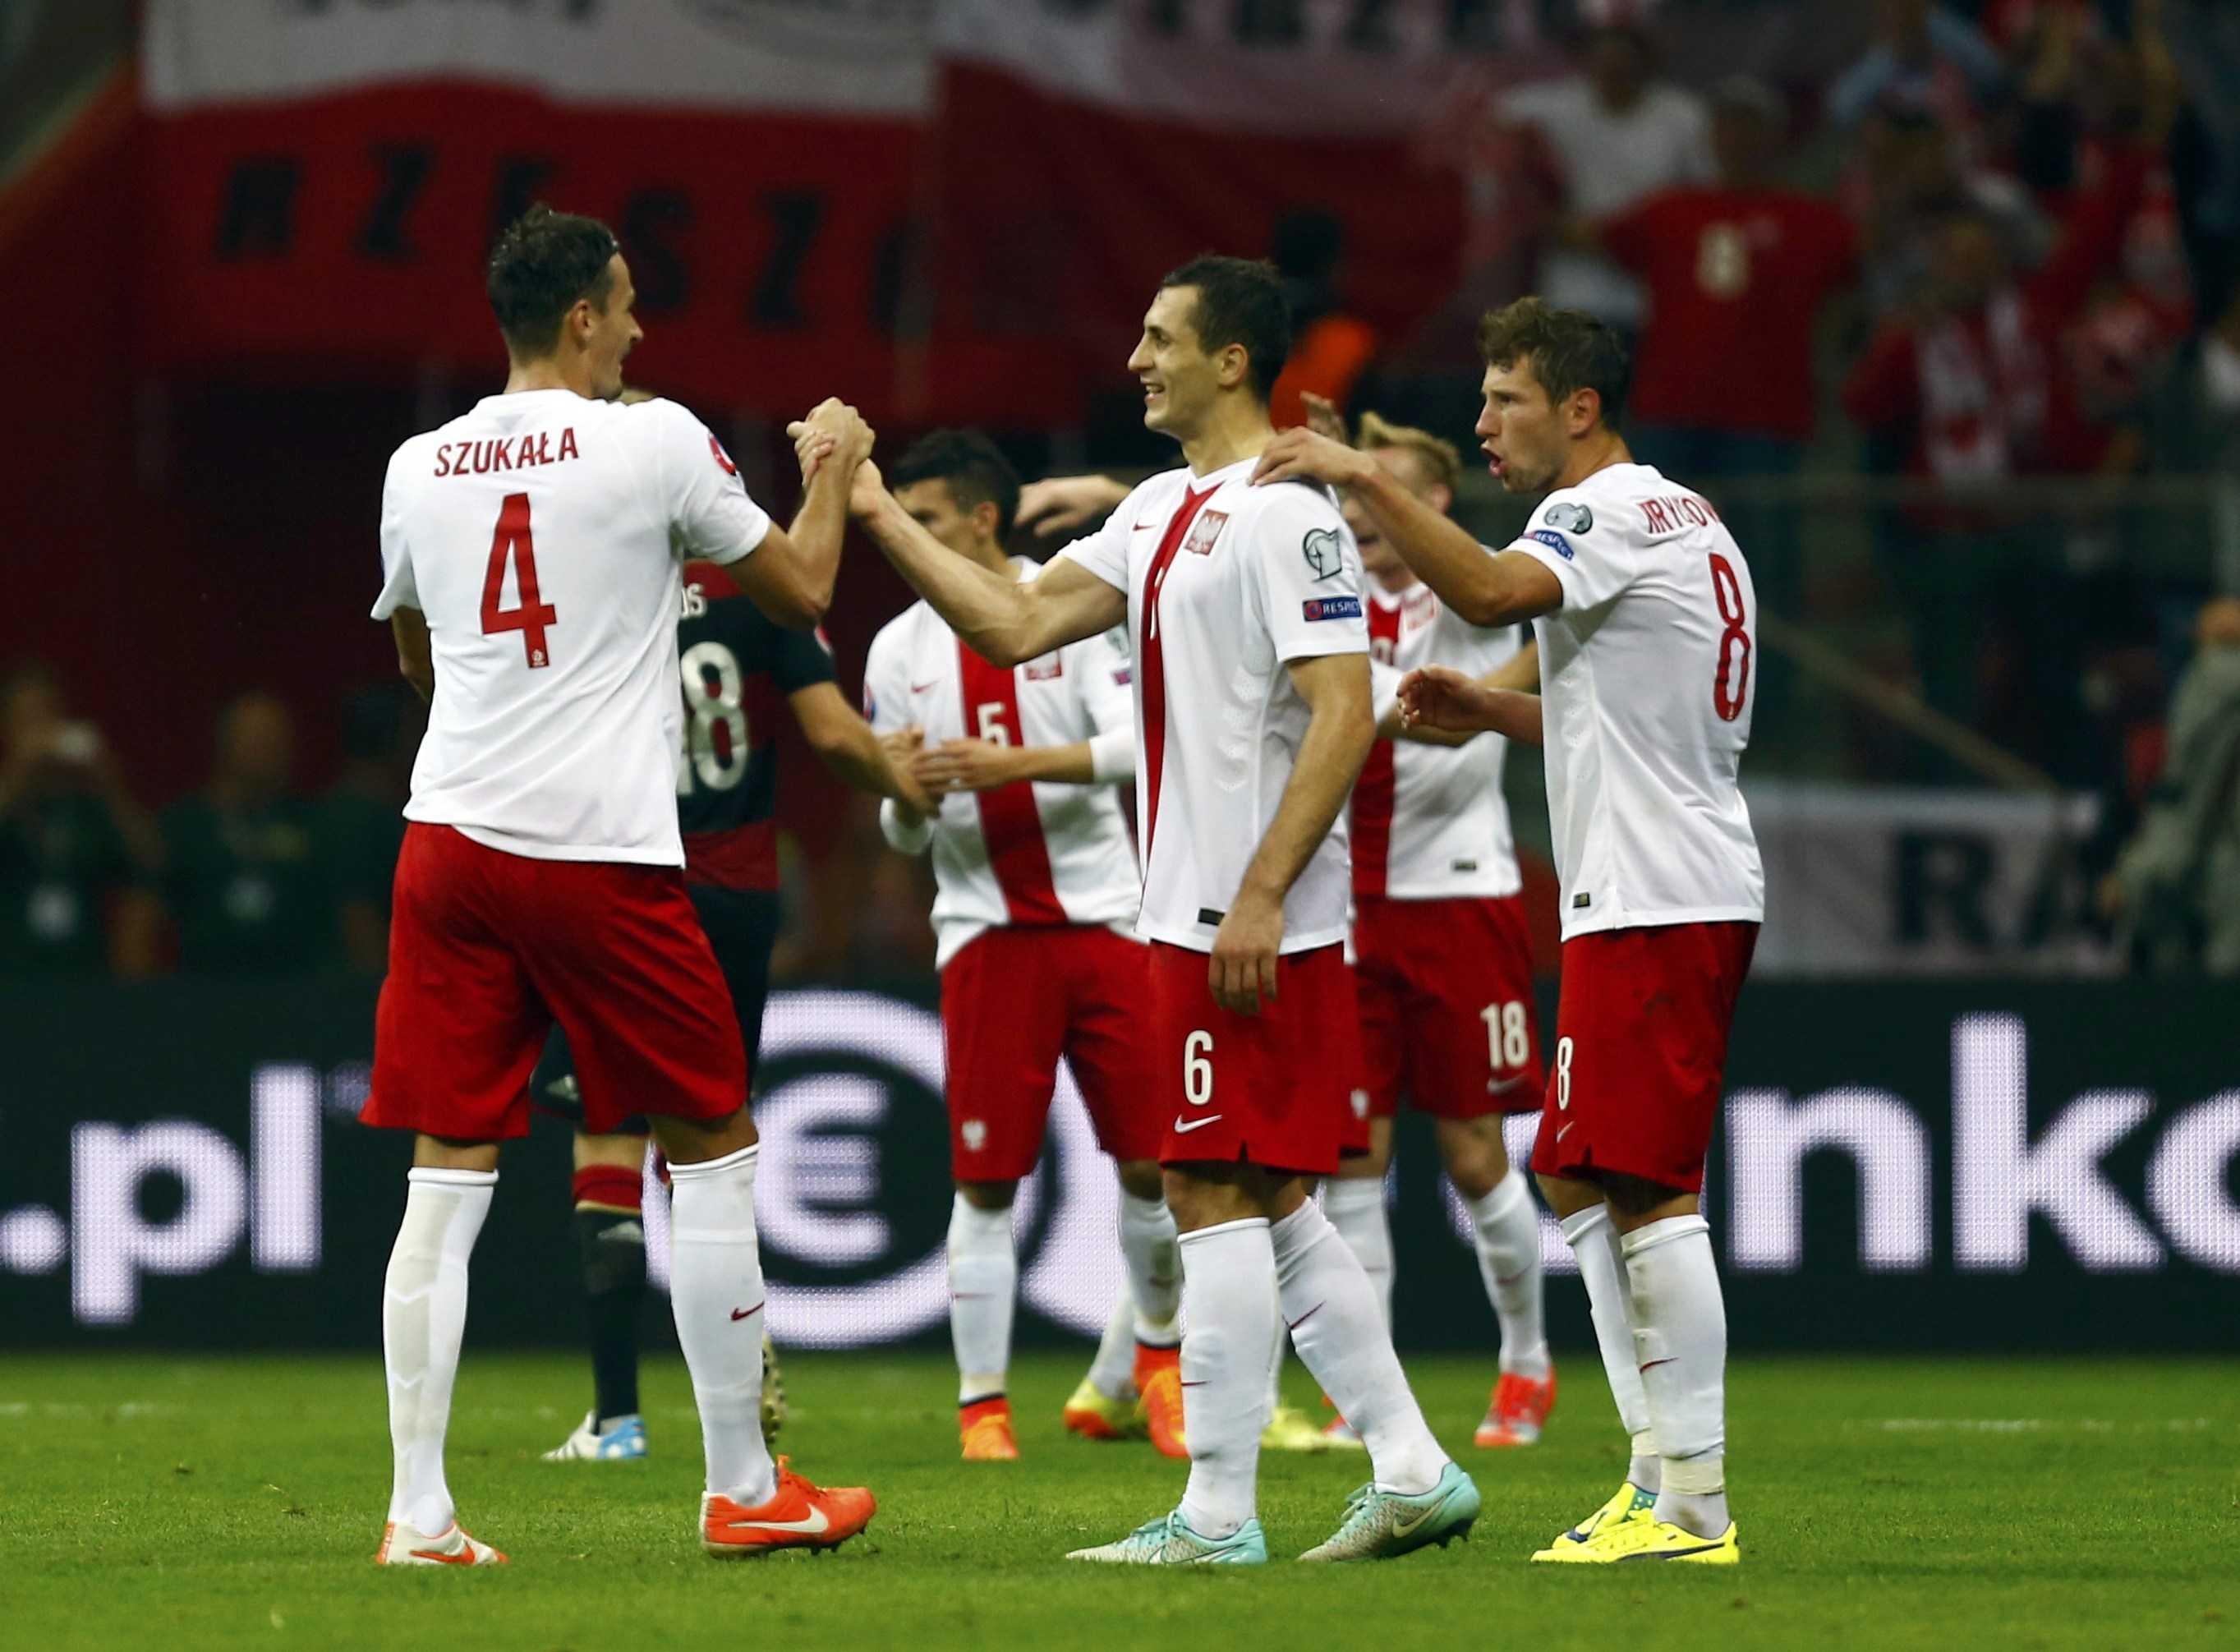 прогнозы футбола польша россия